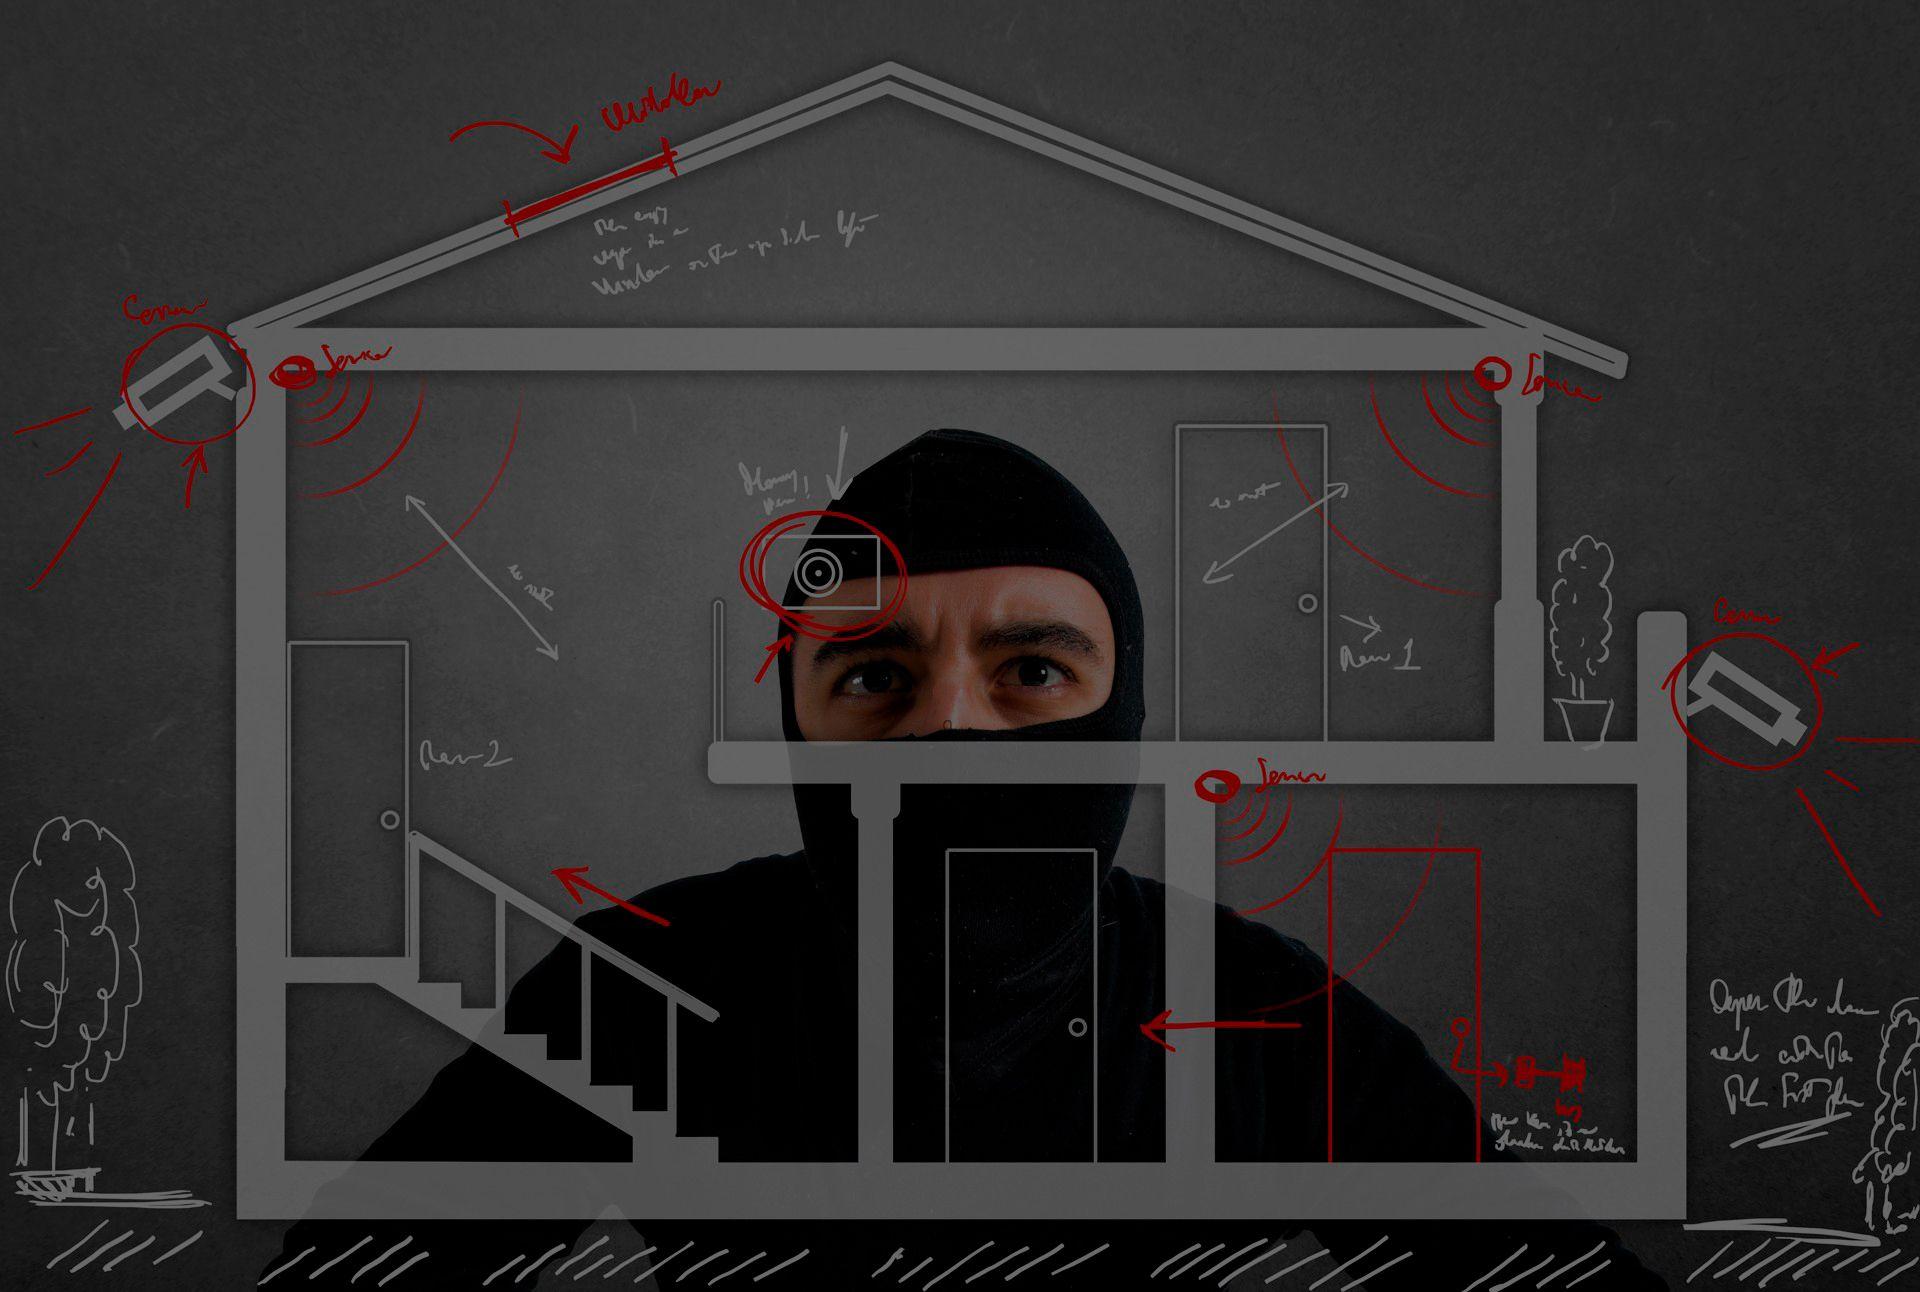 Auditoría Seguridad Heimdall